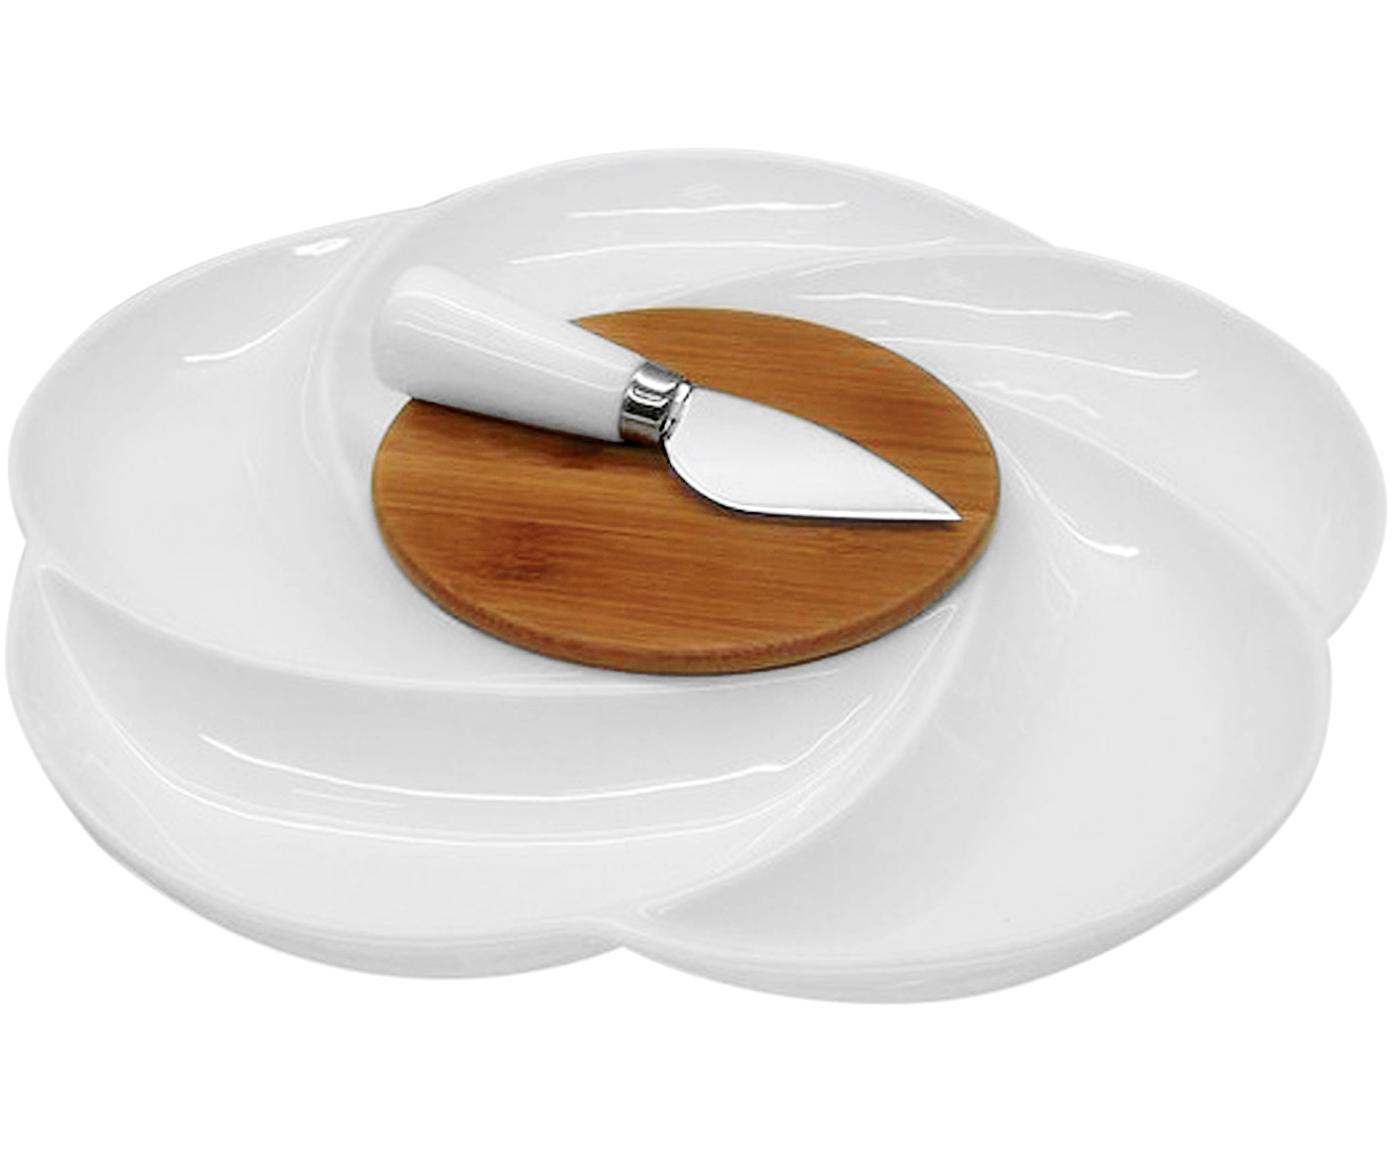 Set tabla de queso, 2pzas., Cuencos: porcelana, Blanco, beige, Tamaños diferentes